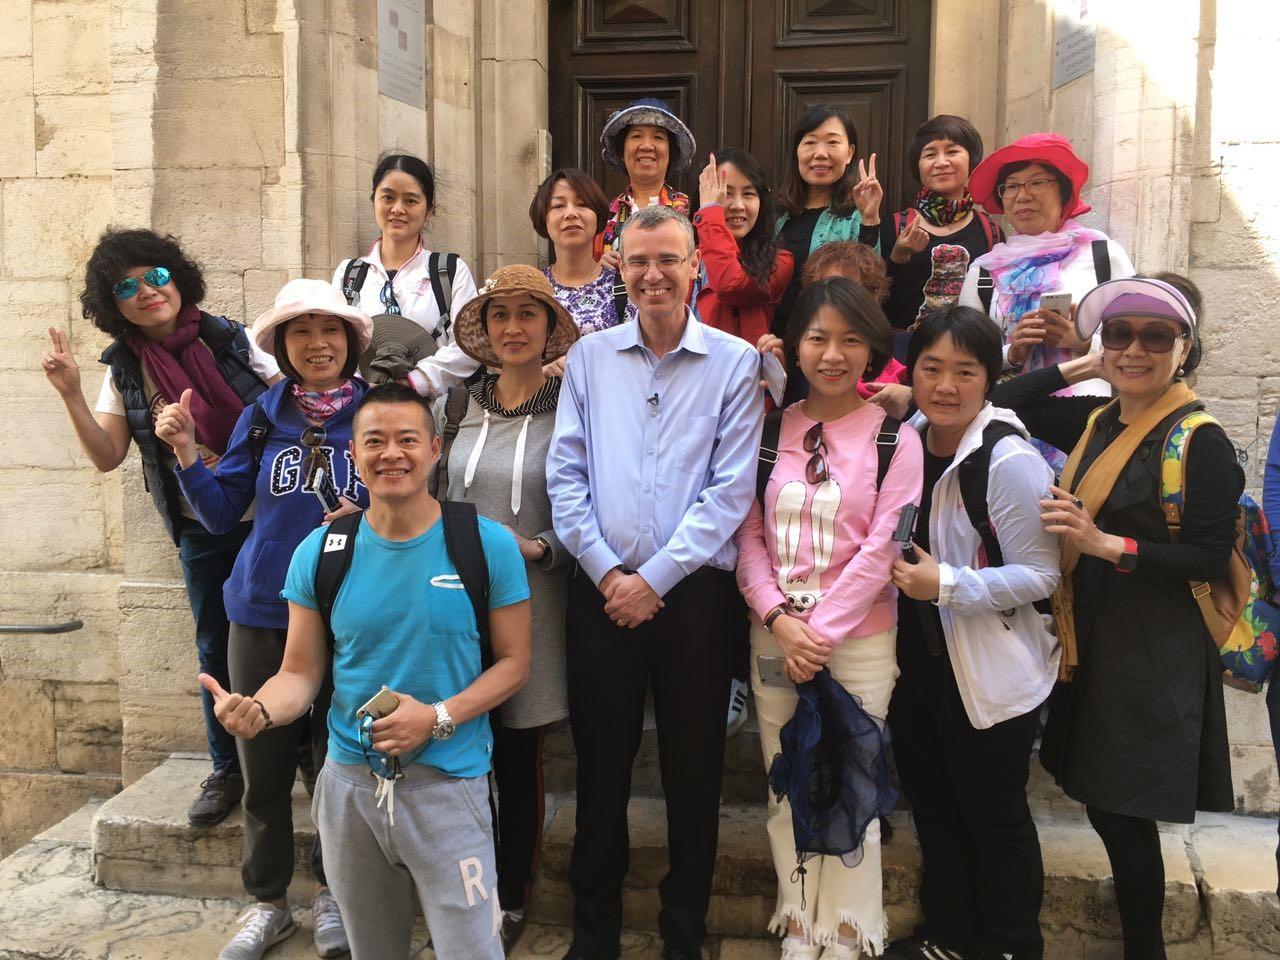 ערב פסח: שיא כל הזמנים בכניסות תיירים מתחילת השנה